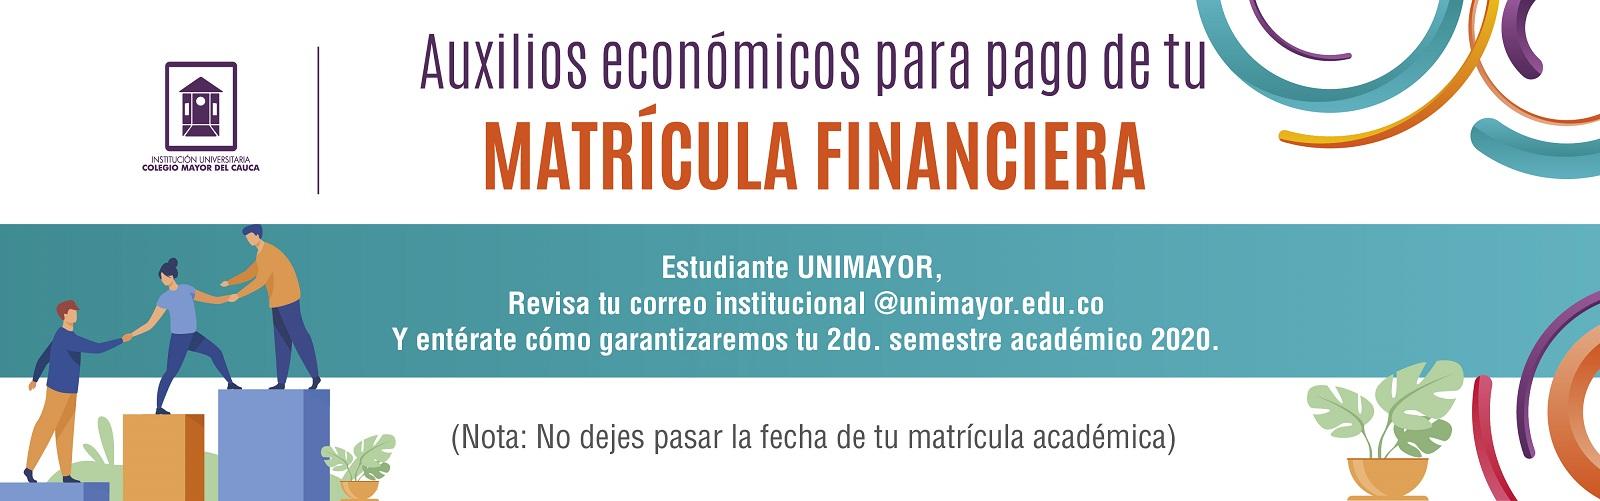 Incentivos_Econmicos_02